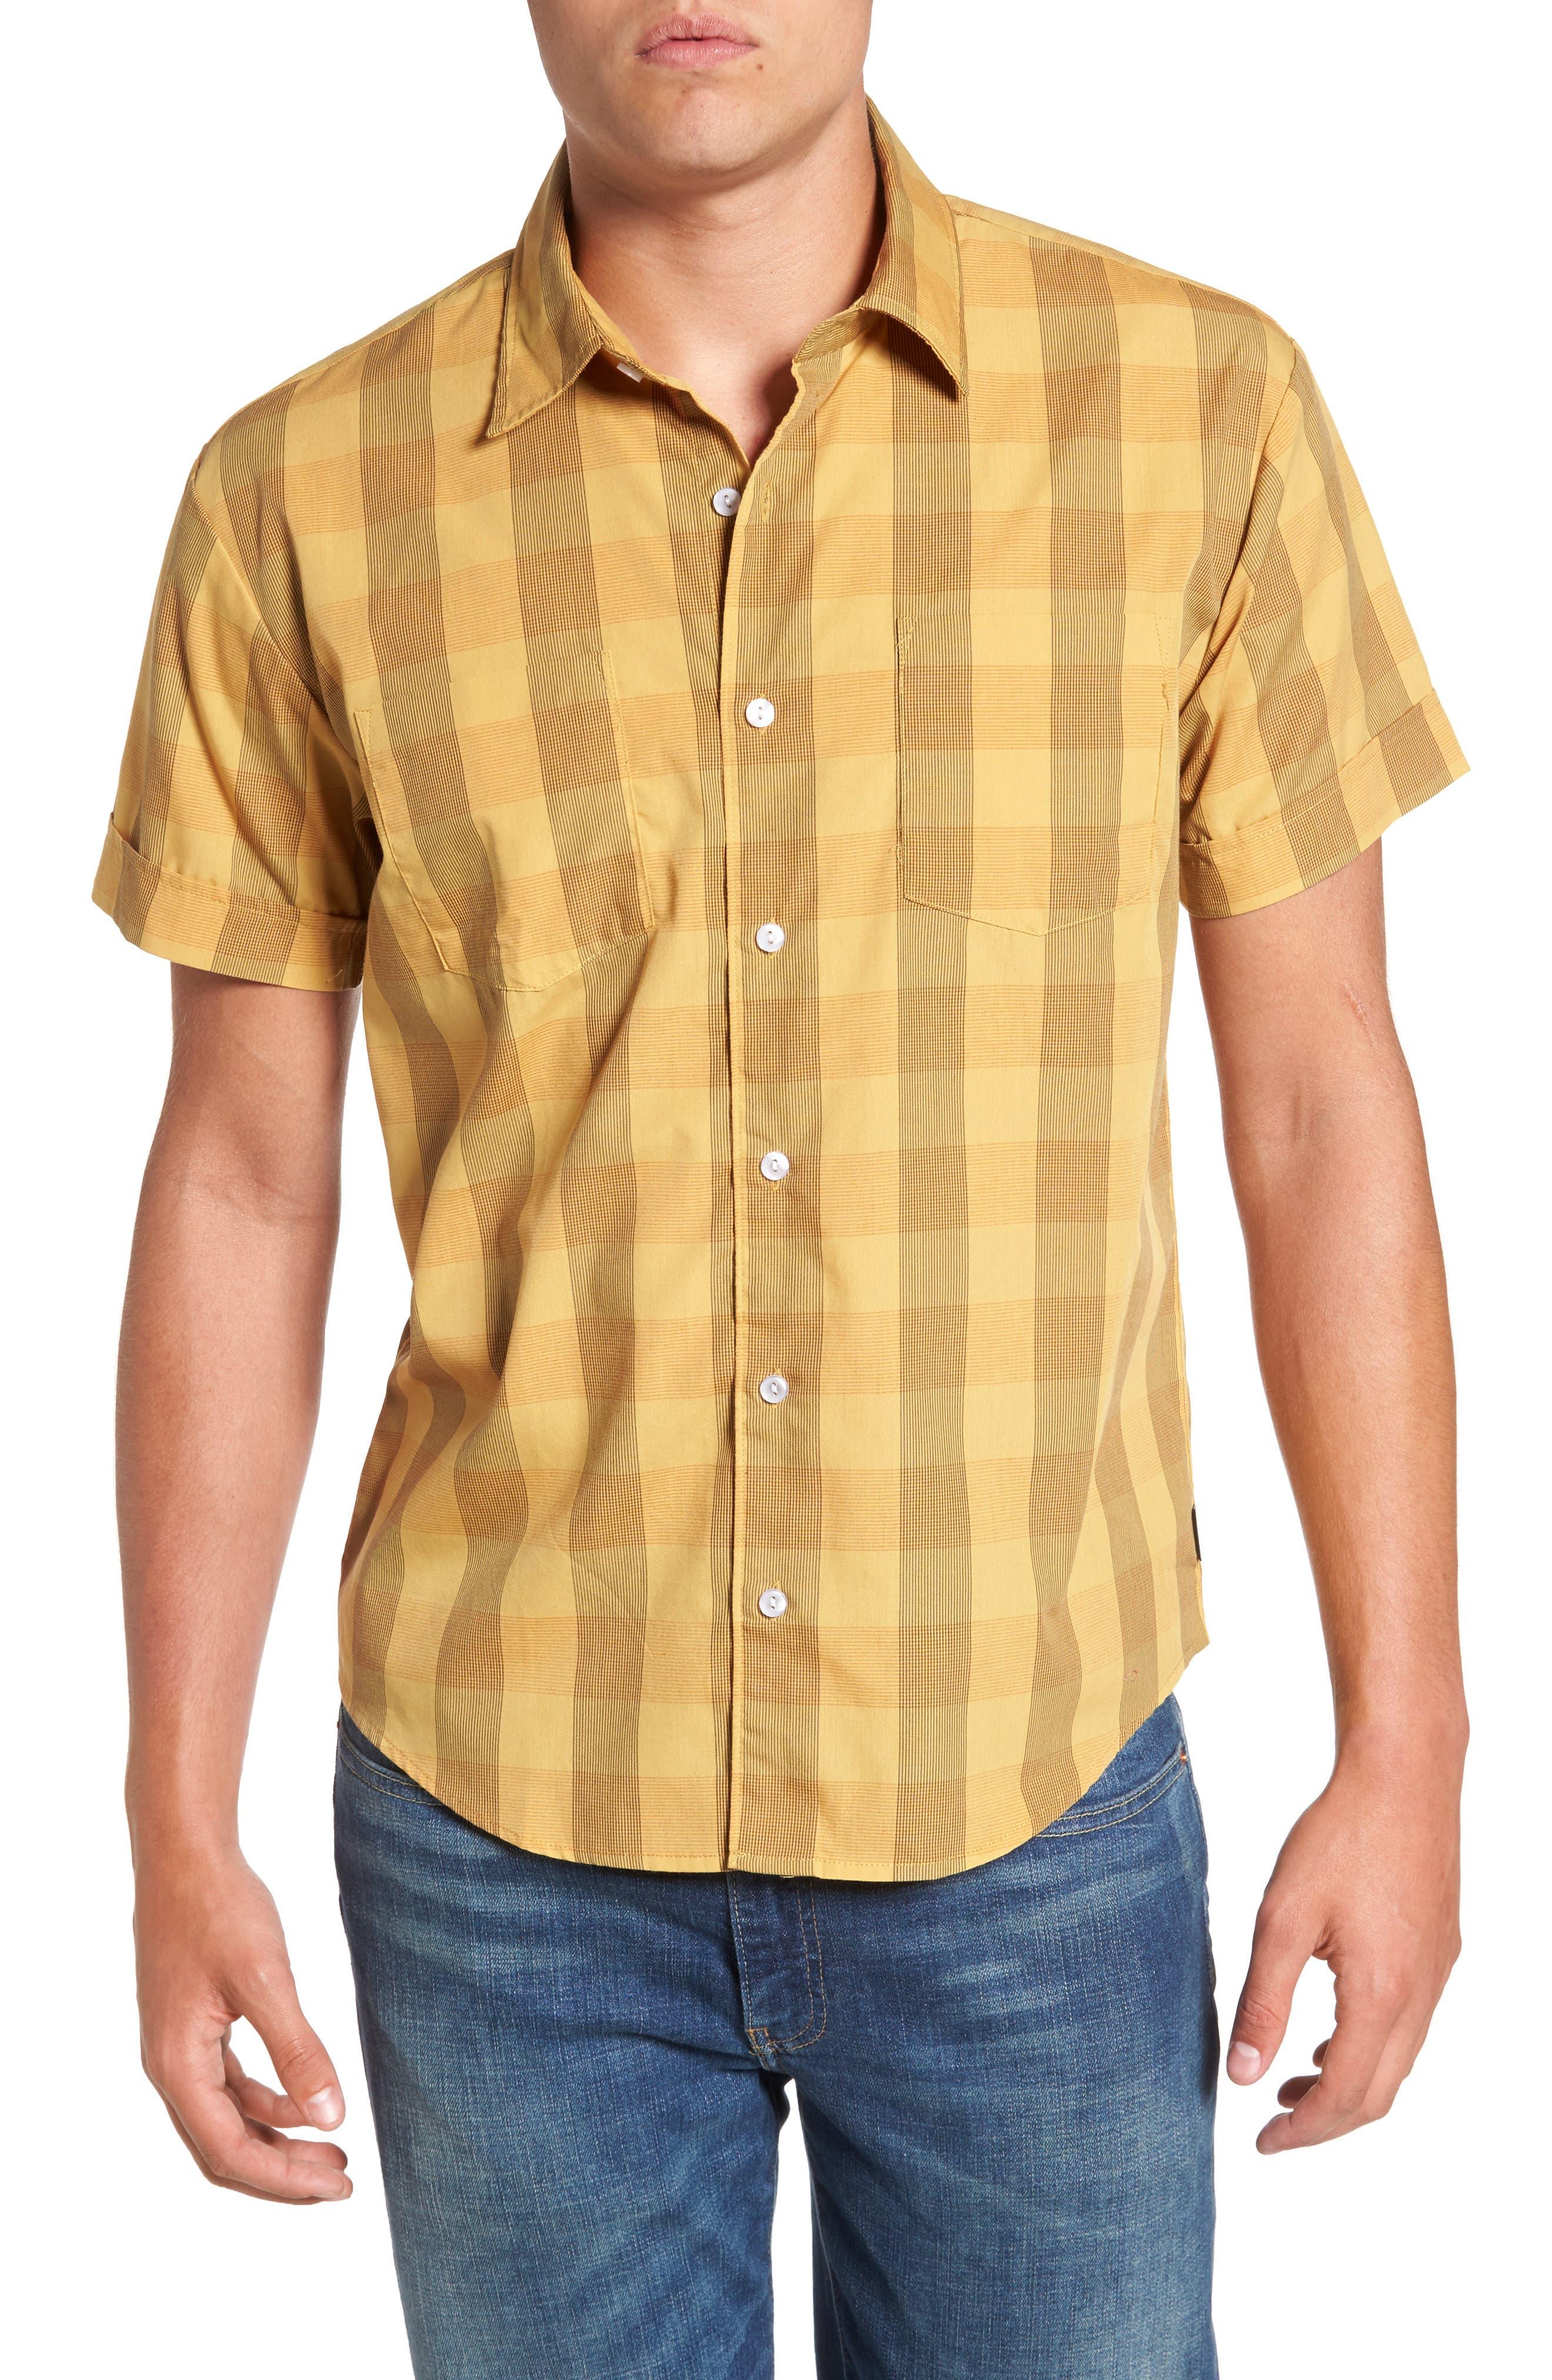 BRIXTON Branson Print Woven Shirt